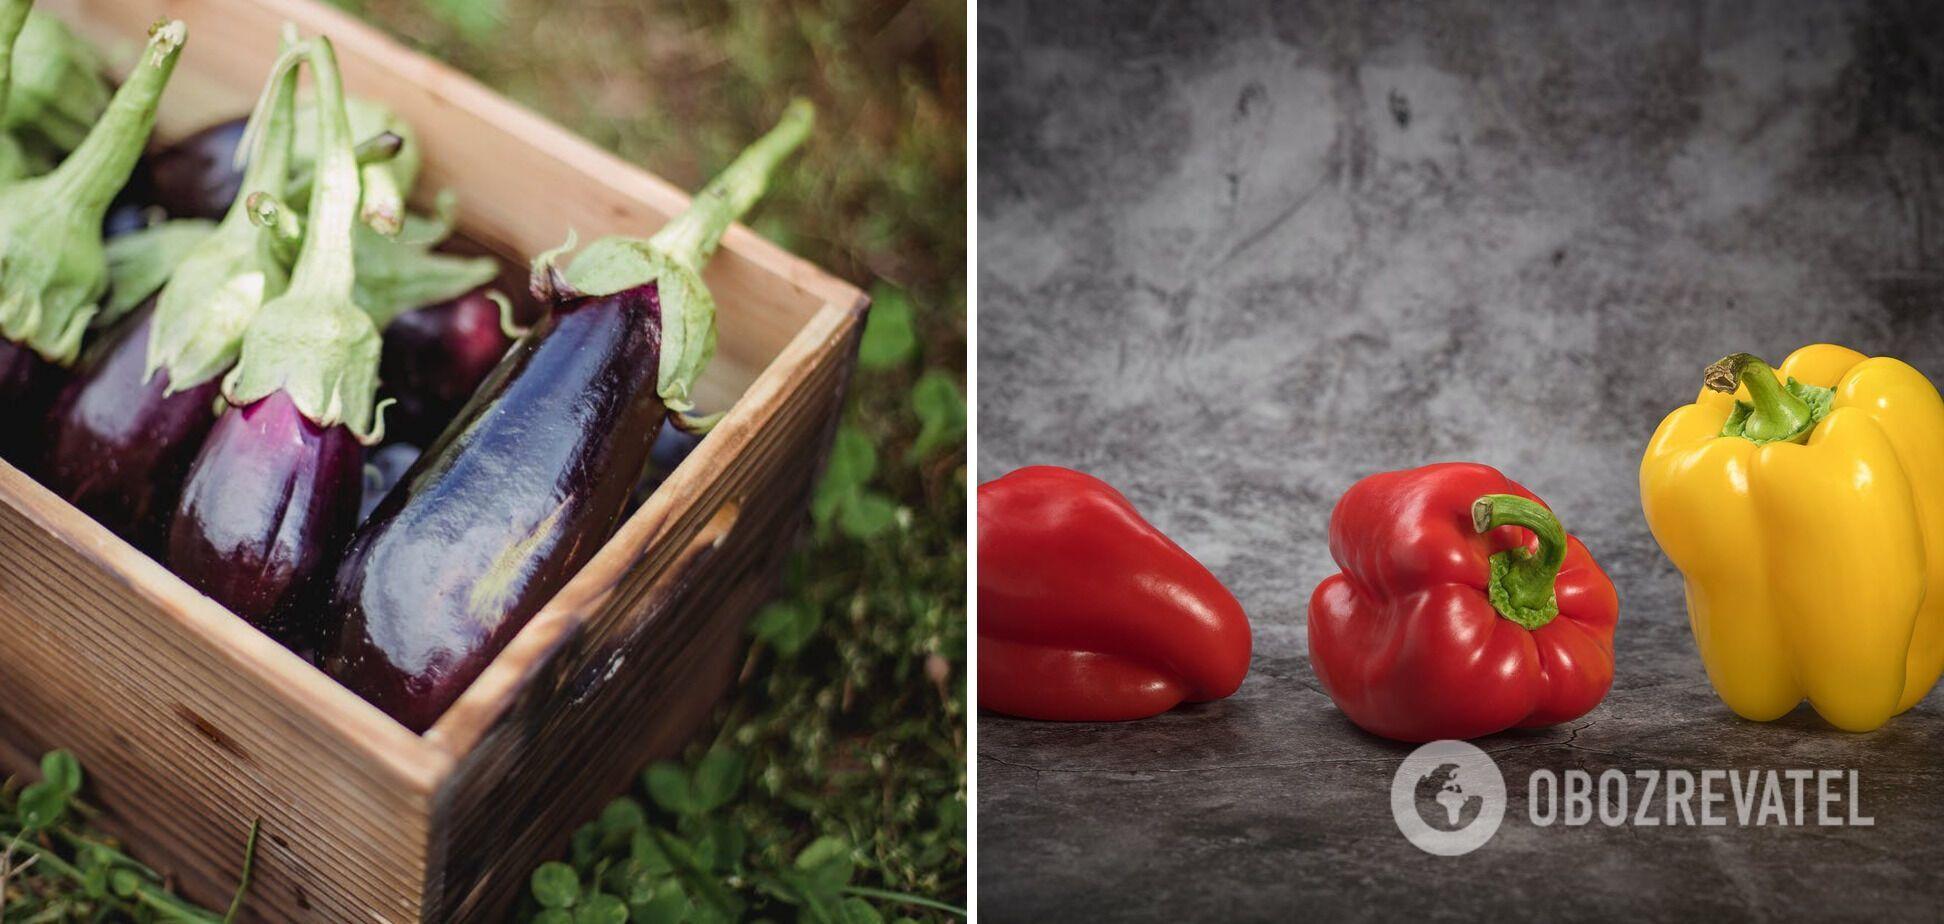 Овочі, які можна поєднувати на шампурі – баклажани та перець